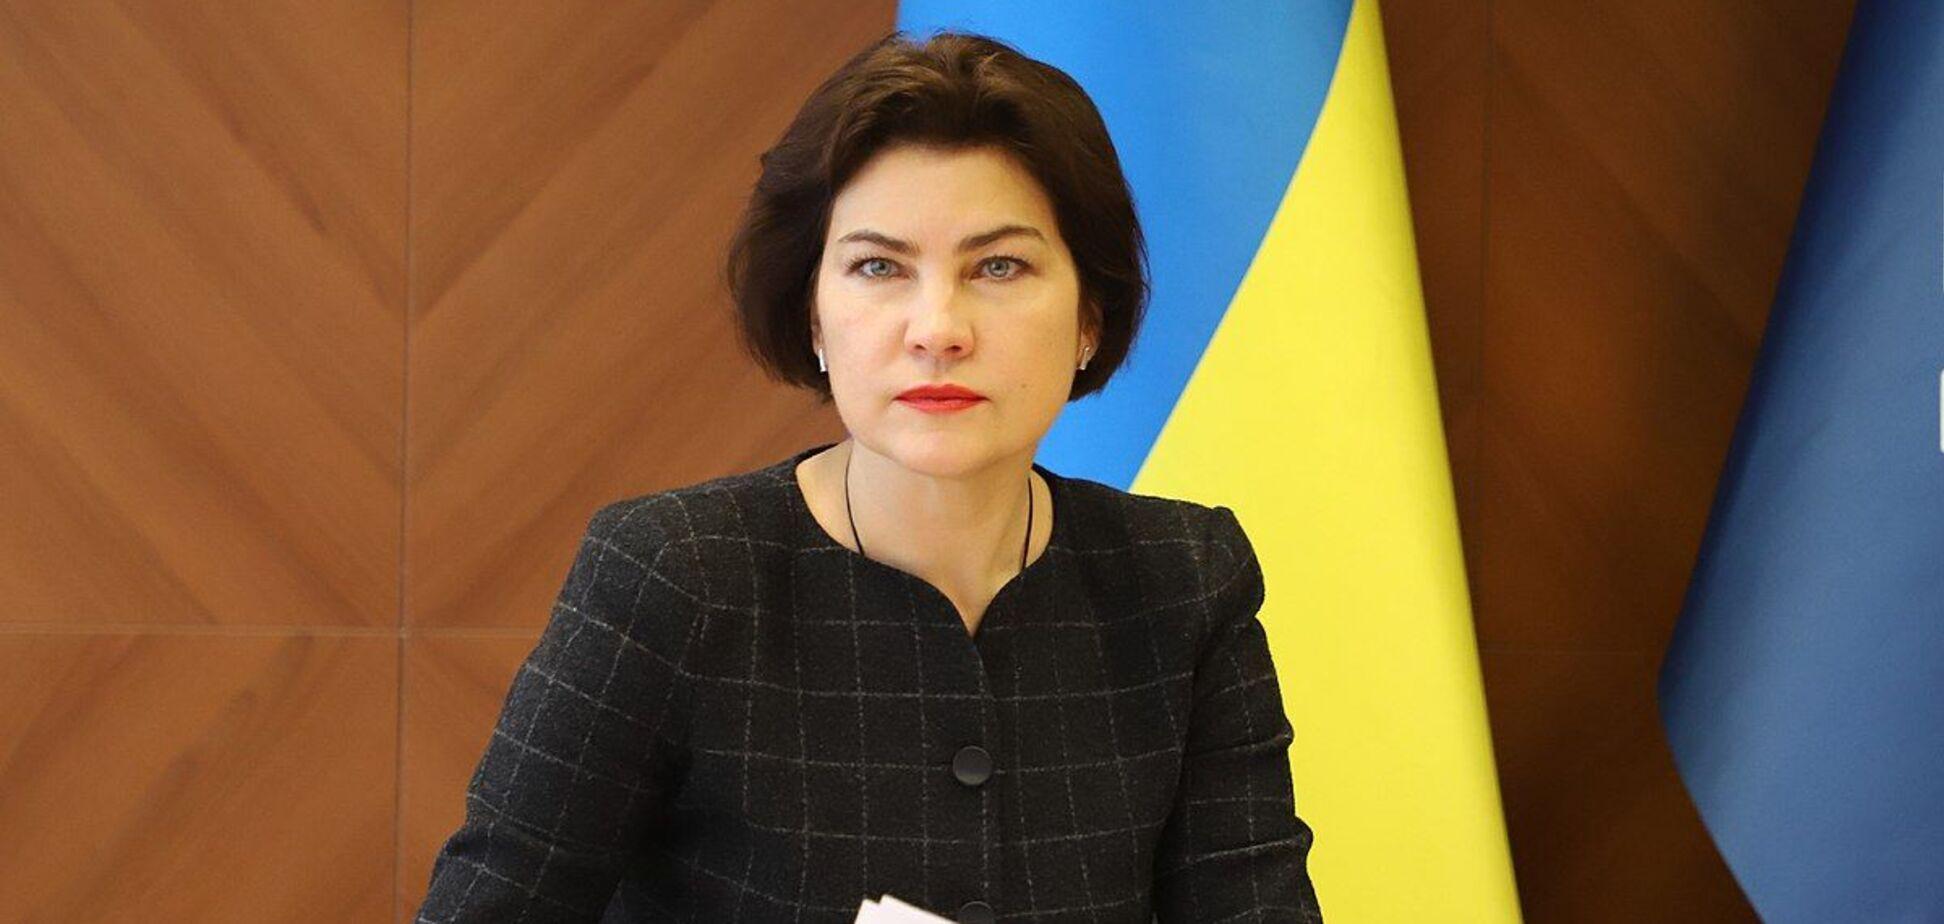 Ирина Венедиктова якобы живет в государственной резиденции